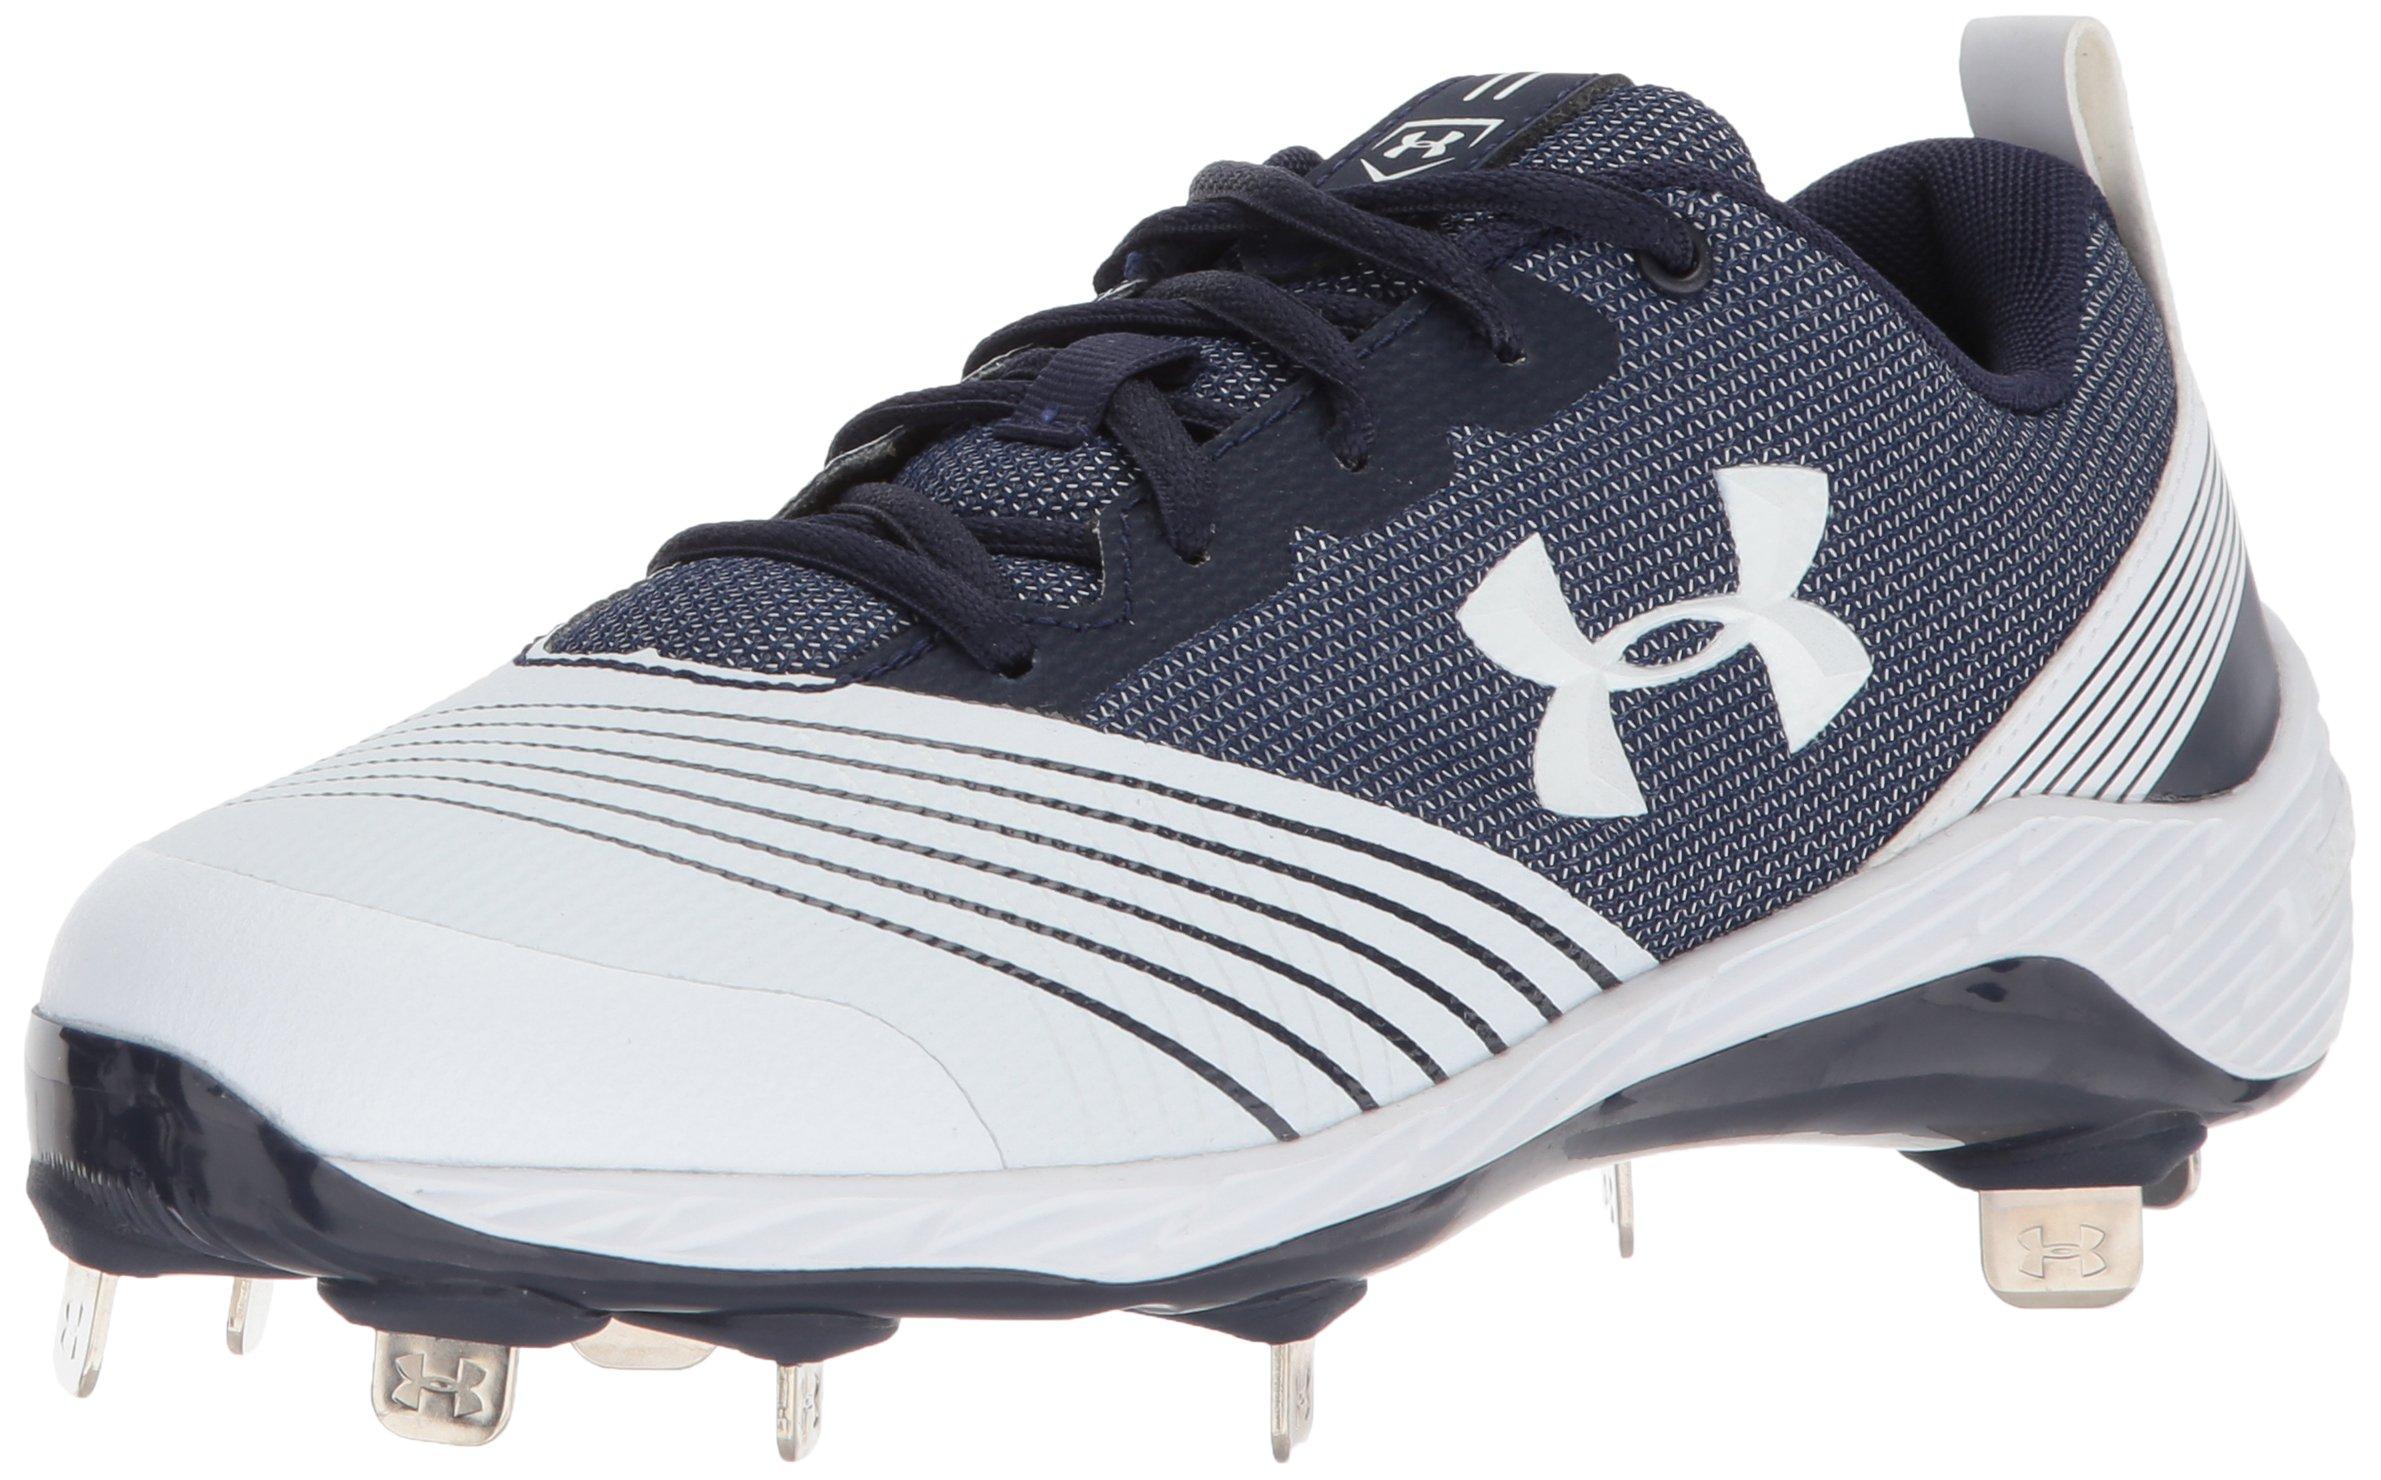 Under Armour Women's Glyde ST Softball Shoe, White, 8